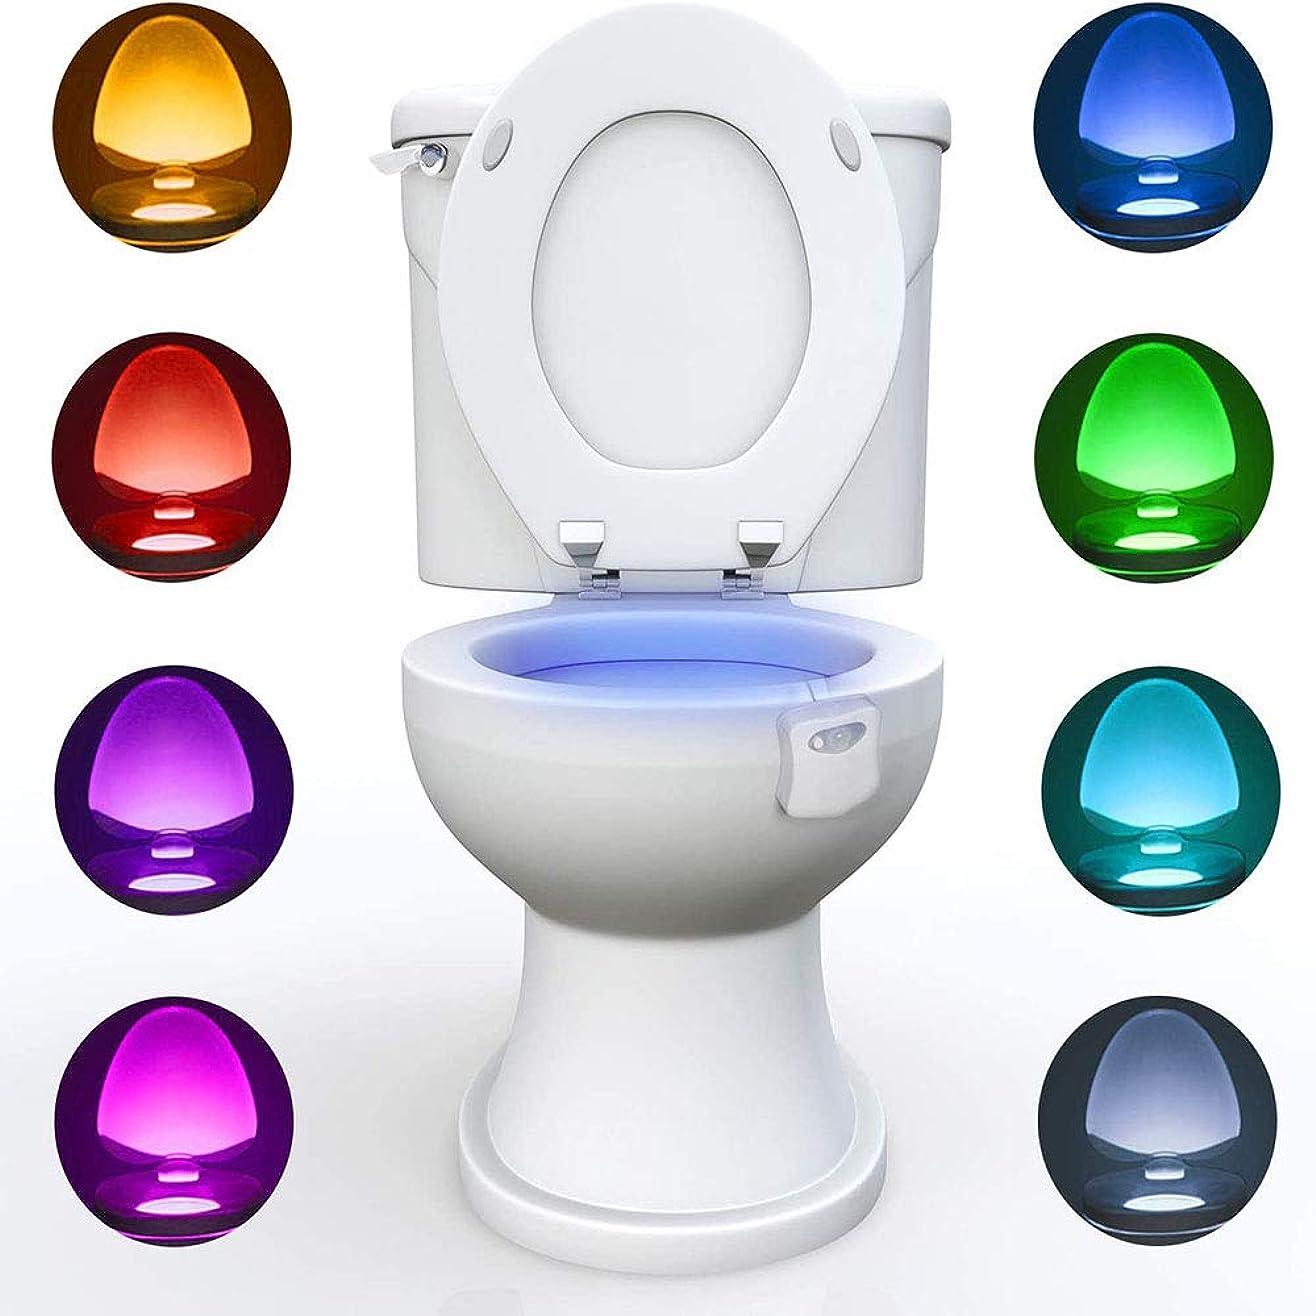 価値前置詞出撃者LEDトイレナイトライト、モーション作動トイレライトセンサー、バスルームトイレ用、PIRモーション作動、8色交換、バッテリー式